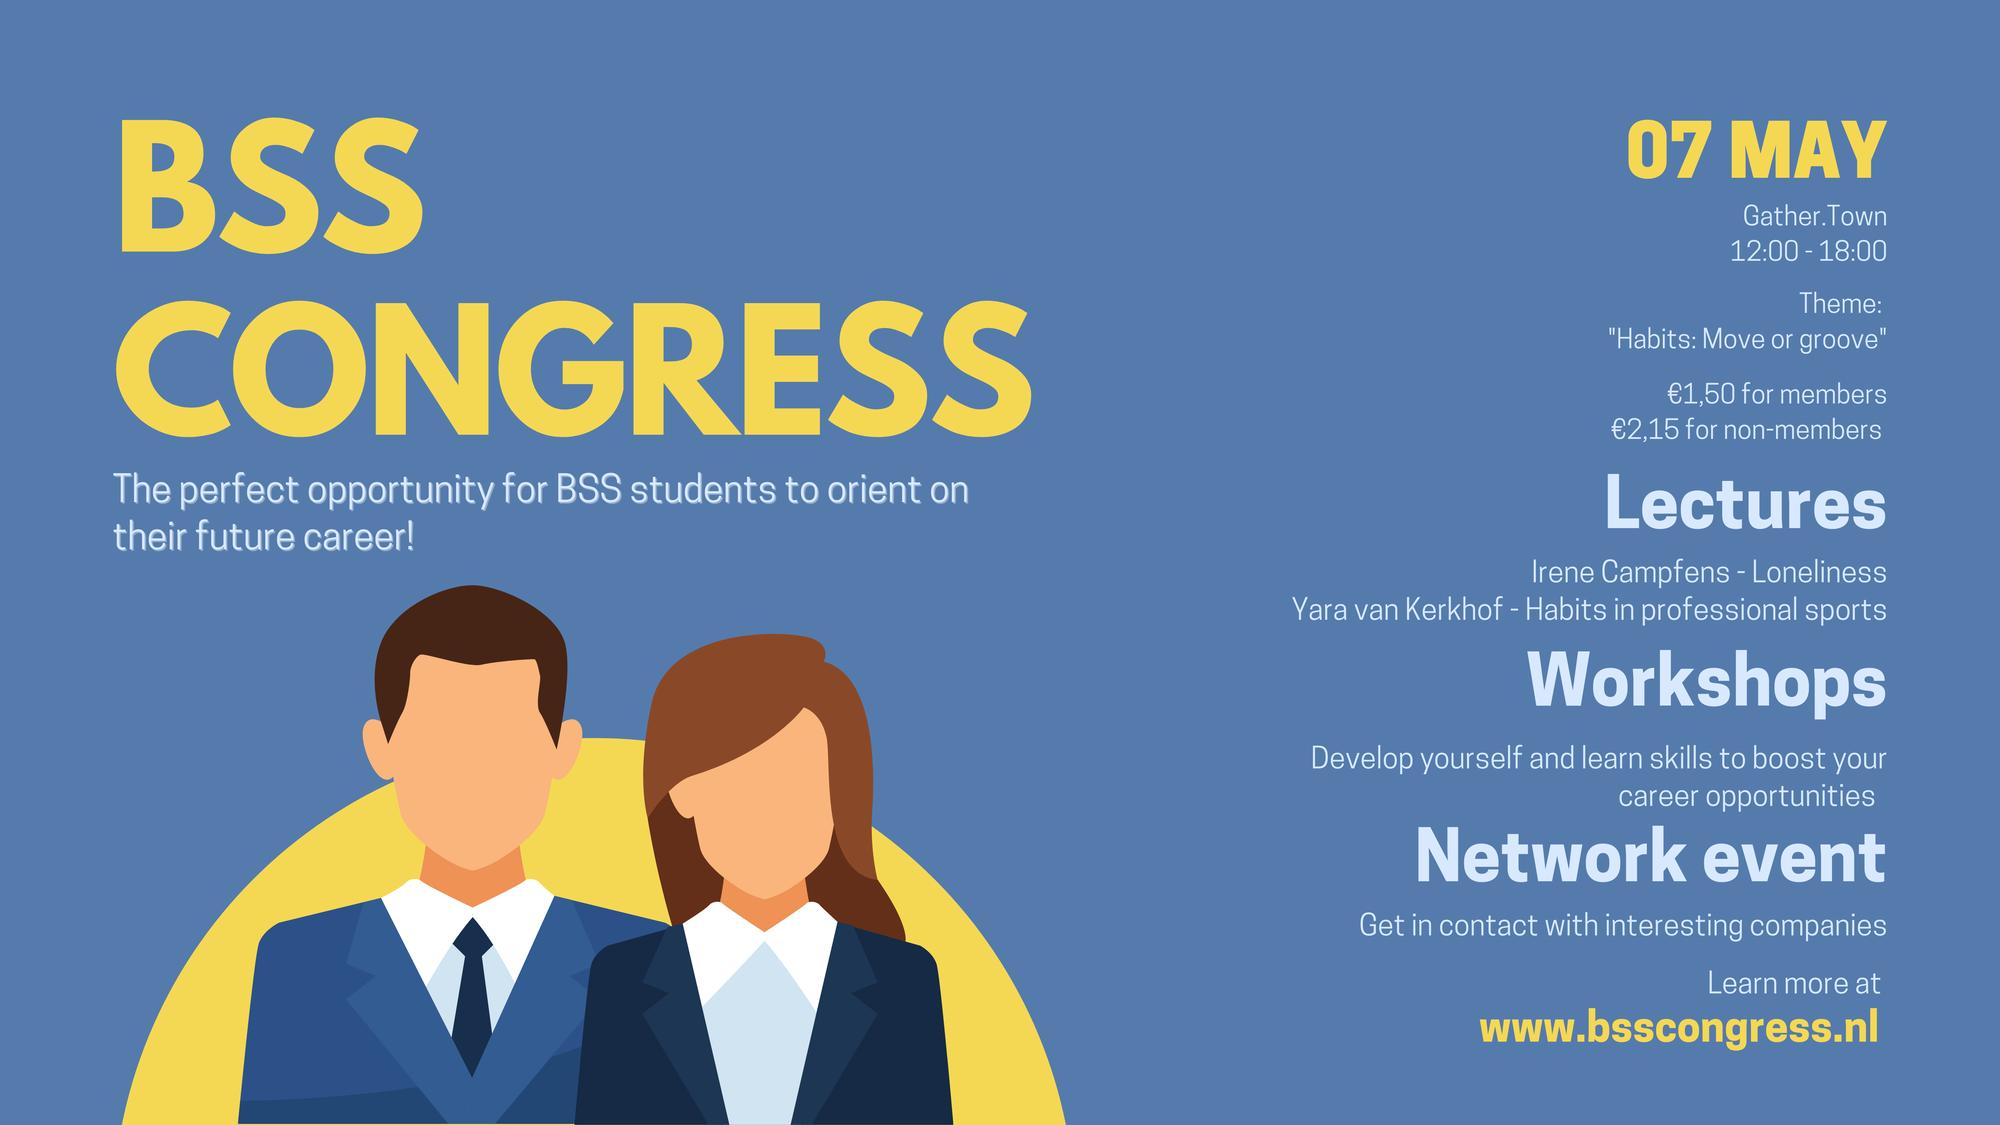 BSS Congress